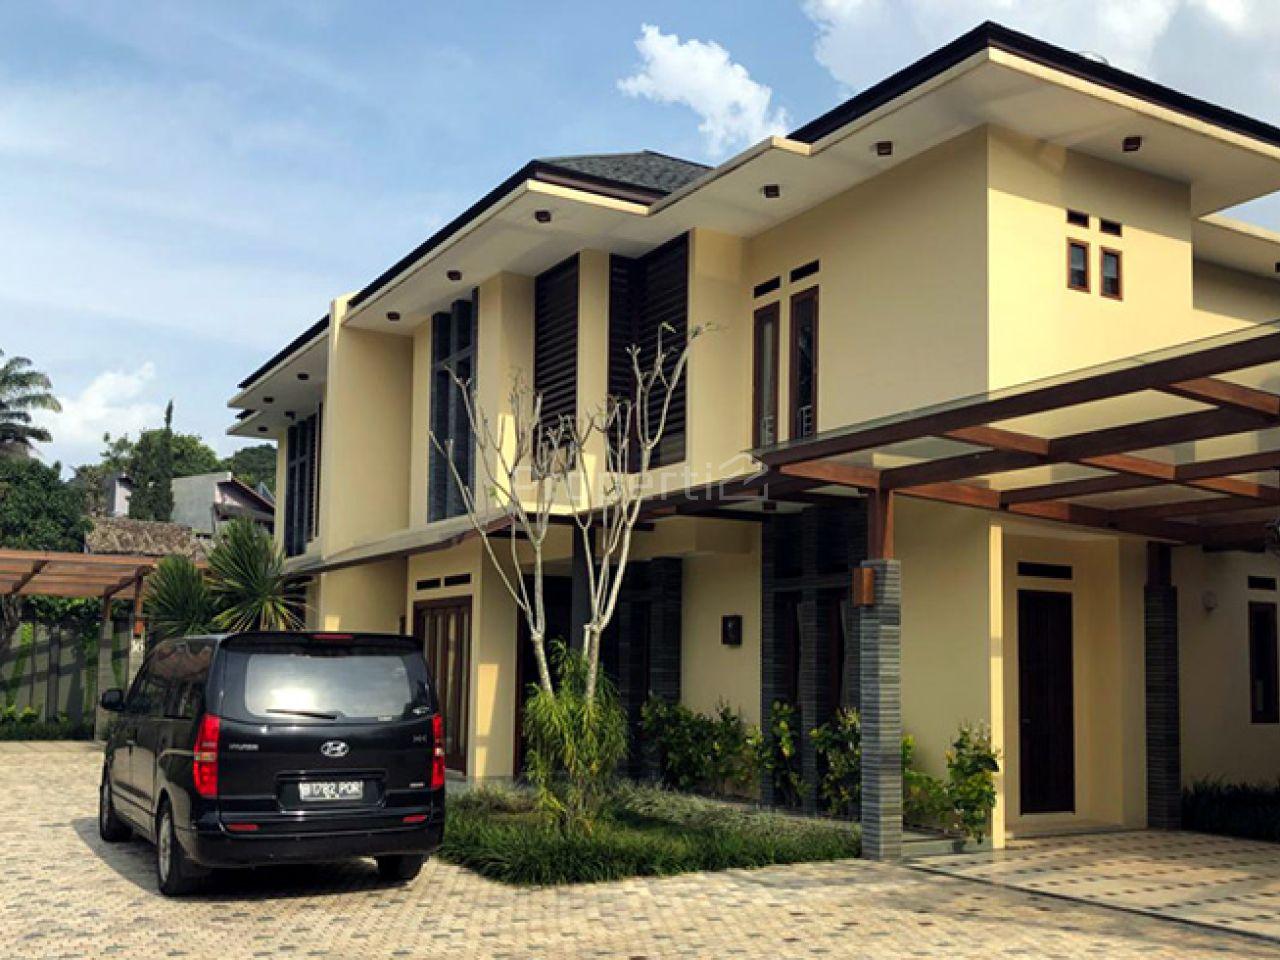 Rumah Baru Minimalis Modern 3.5 Lantai dengan Pool di Hegarmanah, Jawa Barat